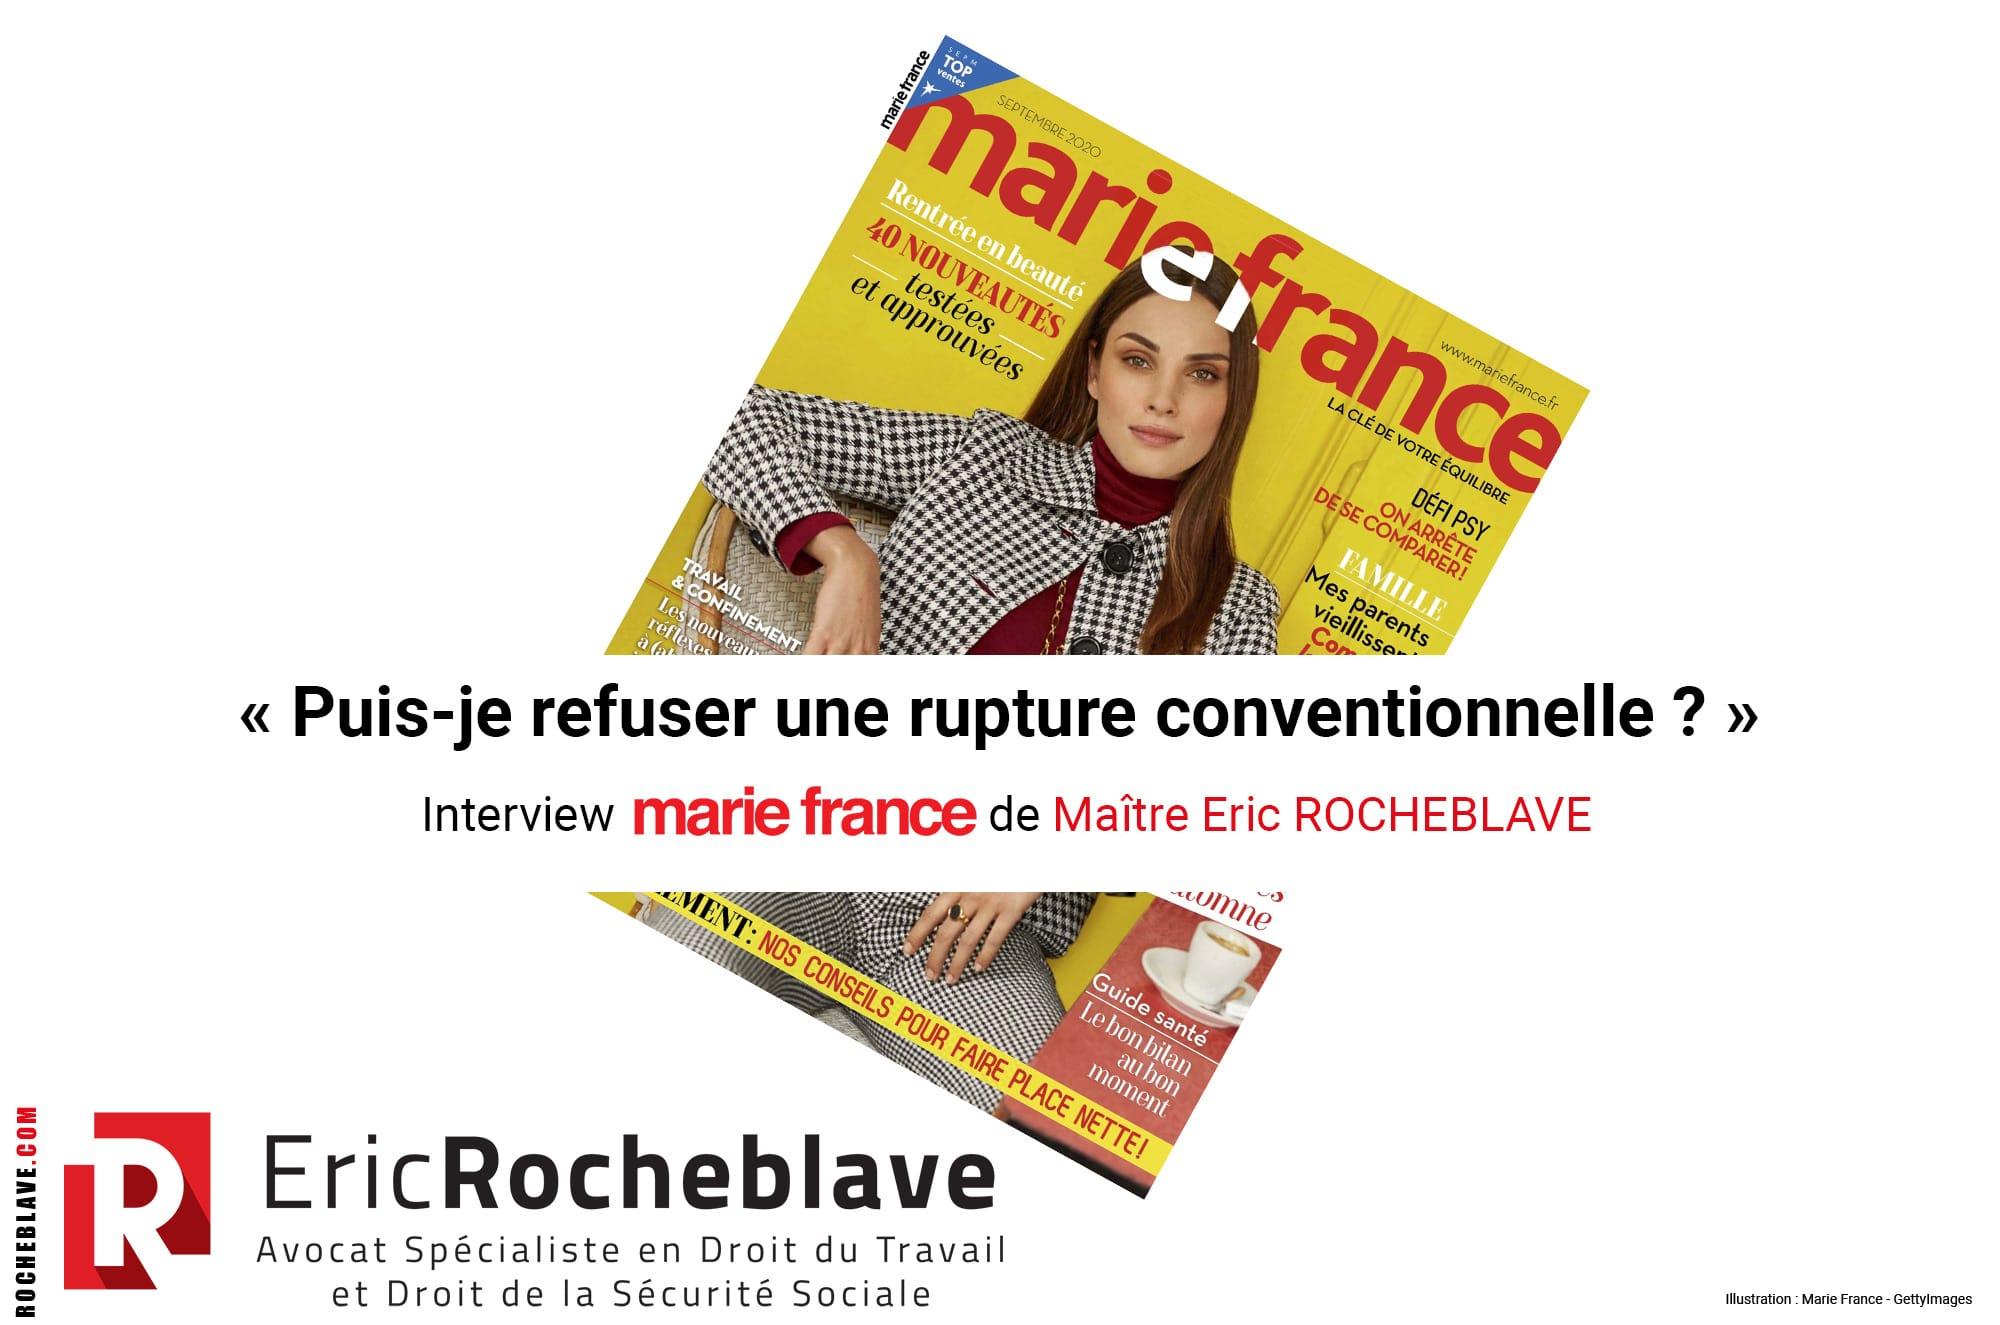 « Puis-je refuser une rupture conventionnelle ? » Interview marie france de Maître Eric ROCHEBLAVE